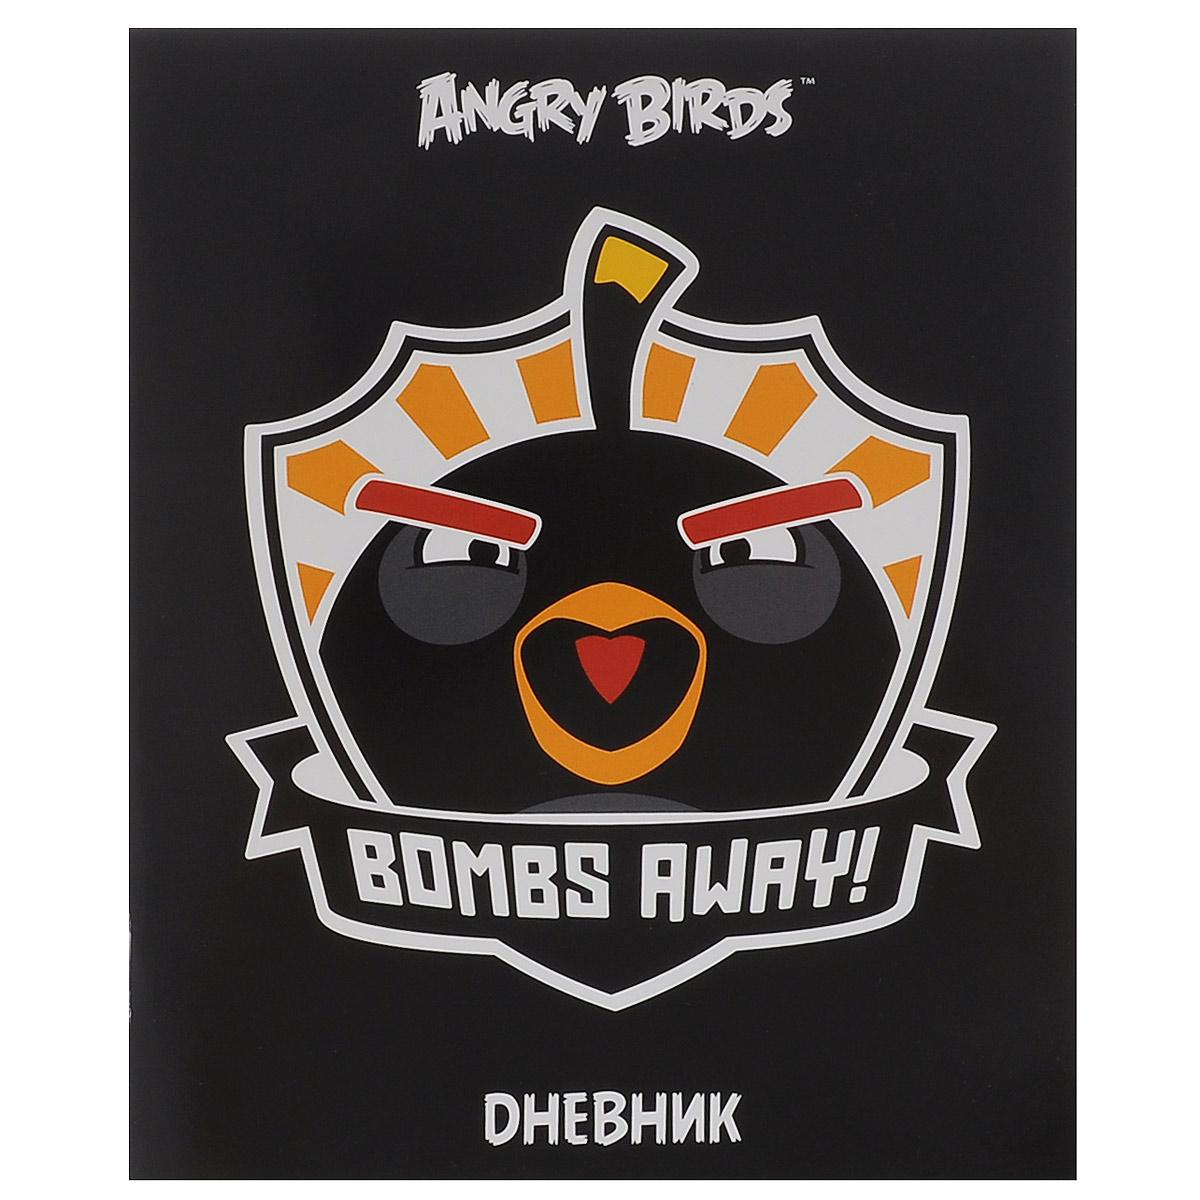 Дневник школьный Hatber Angry Birds, цвет: черный. 40Д5B_118572044243Школьный дневник Hatber Angry Birds - первый ежедневник вашего ребенка. Он поможет ему не забыть свои задания, а вы всегда сможете проконтролировать его успеваемость. Дневник предназначен для учеников 1-11 классов.Обложка дневника выполнена из мелованного картона и оформлена изображением сердитой птички из популярной компьютерной игры Angry Birds. Внутренний блок изготовлен из белой бумаги с четкой линовкой черного цвета и состоит из 40 листов. В структуру дневника входят все необходимые разделы: информация о личных данных ученика, школе и педагогах, друзьях и одноклассниках, расписание факультативов и занятий по четвертям. Дневник содержит номера телефонов экстренной помощи и даты государственных праздников. В конце дневника имеются сведения обуспеваемости.Дневник Hatber Angry Birds станет надежным помощником ребенка в получении новых знаний и принесет радость своему хозяину в учебные будни.Рекомендуемый возраст: от 6 лет.